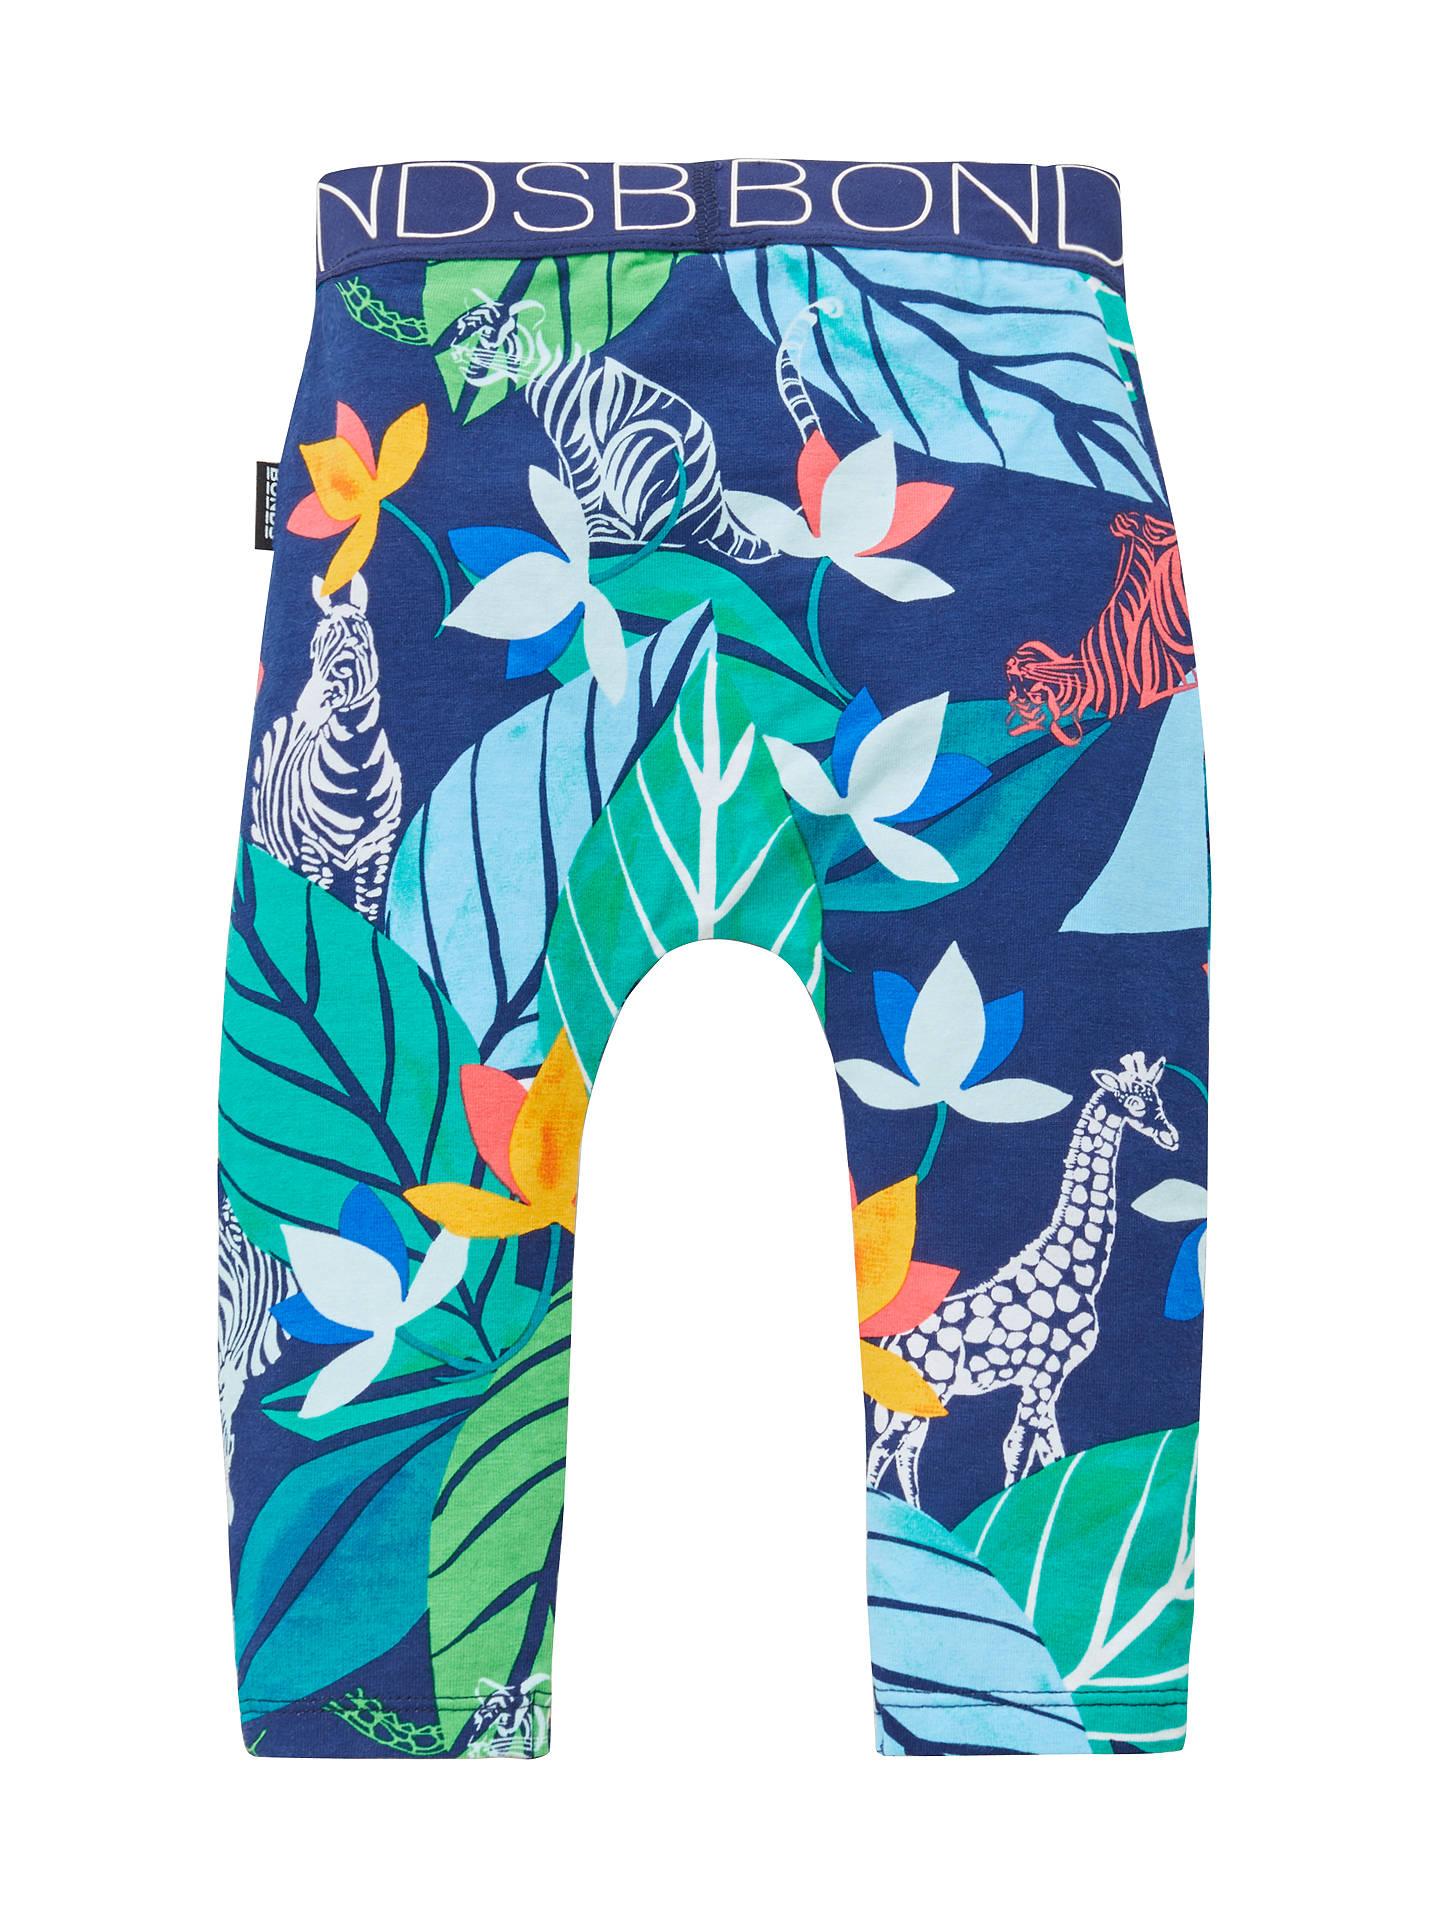 2a0148e3a8e6d Buy Bonds Baby Jungle Stretch Leggings, Blue/Multi, Newborn Online at  johnlewis.